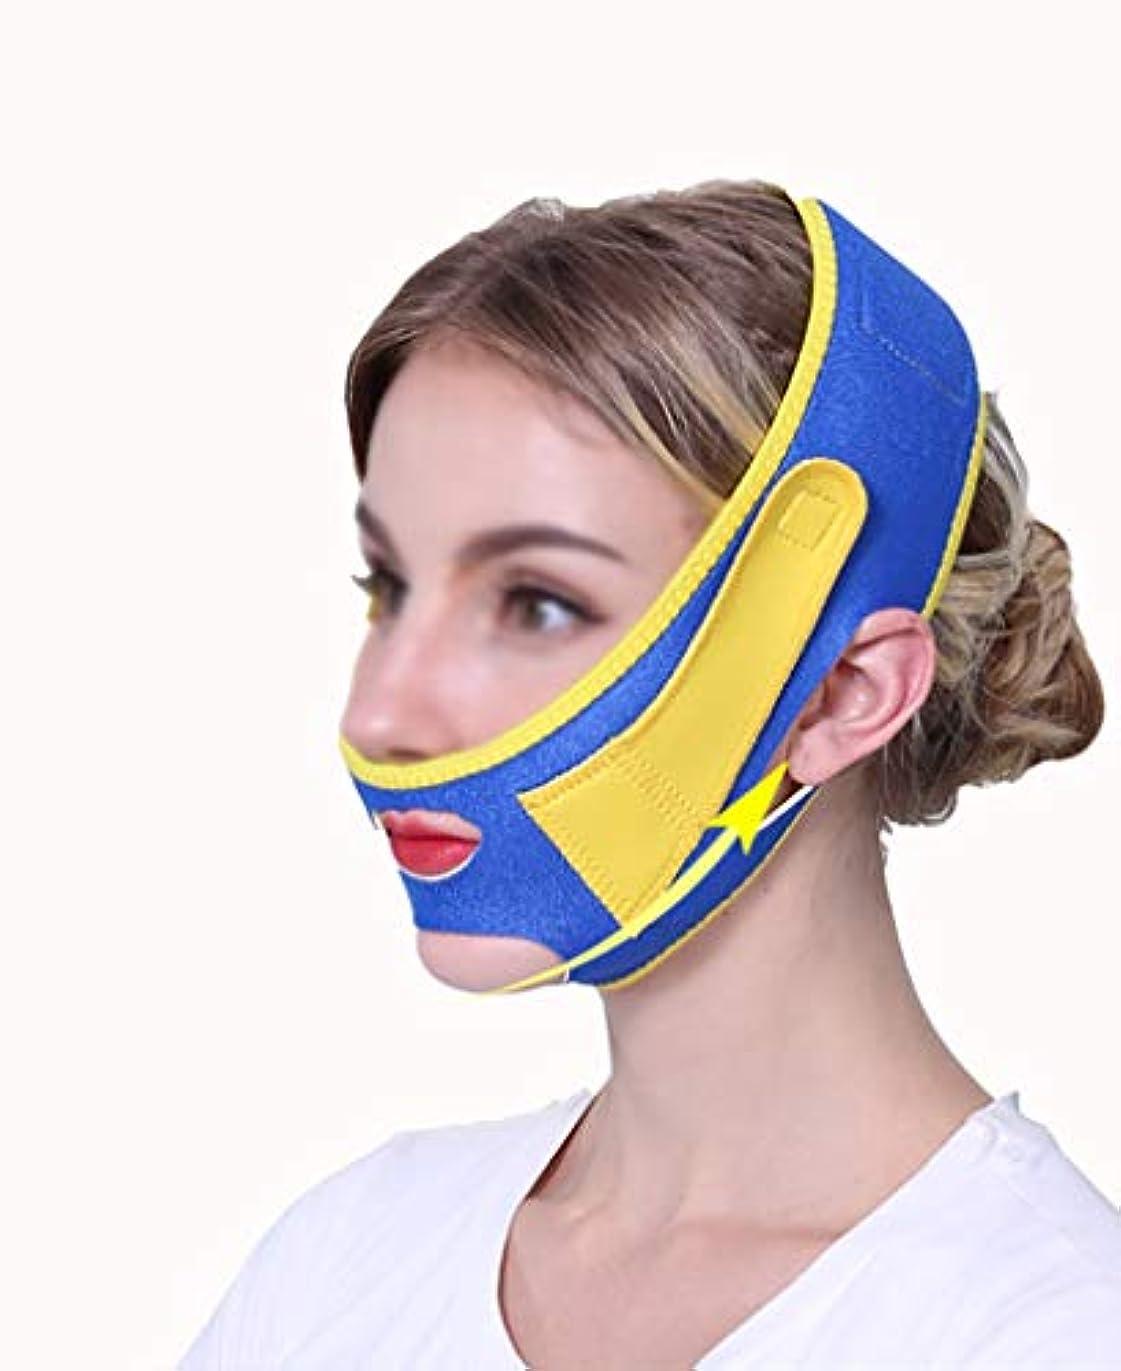 精査テレビを見るテントGLJJQMY 薄いフェイスマスクあごストラップ回復包帯薄いフェイスマスクVフェイスステッカーフェイスステッカー韓国本物のリフティング引き締め形状の薄い二重あごの薄い顔の睡眠包帯アーティファクト 顔用整形マスク